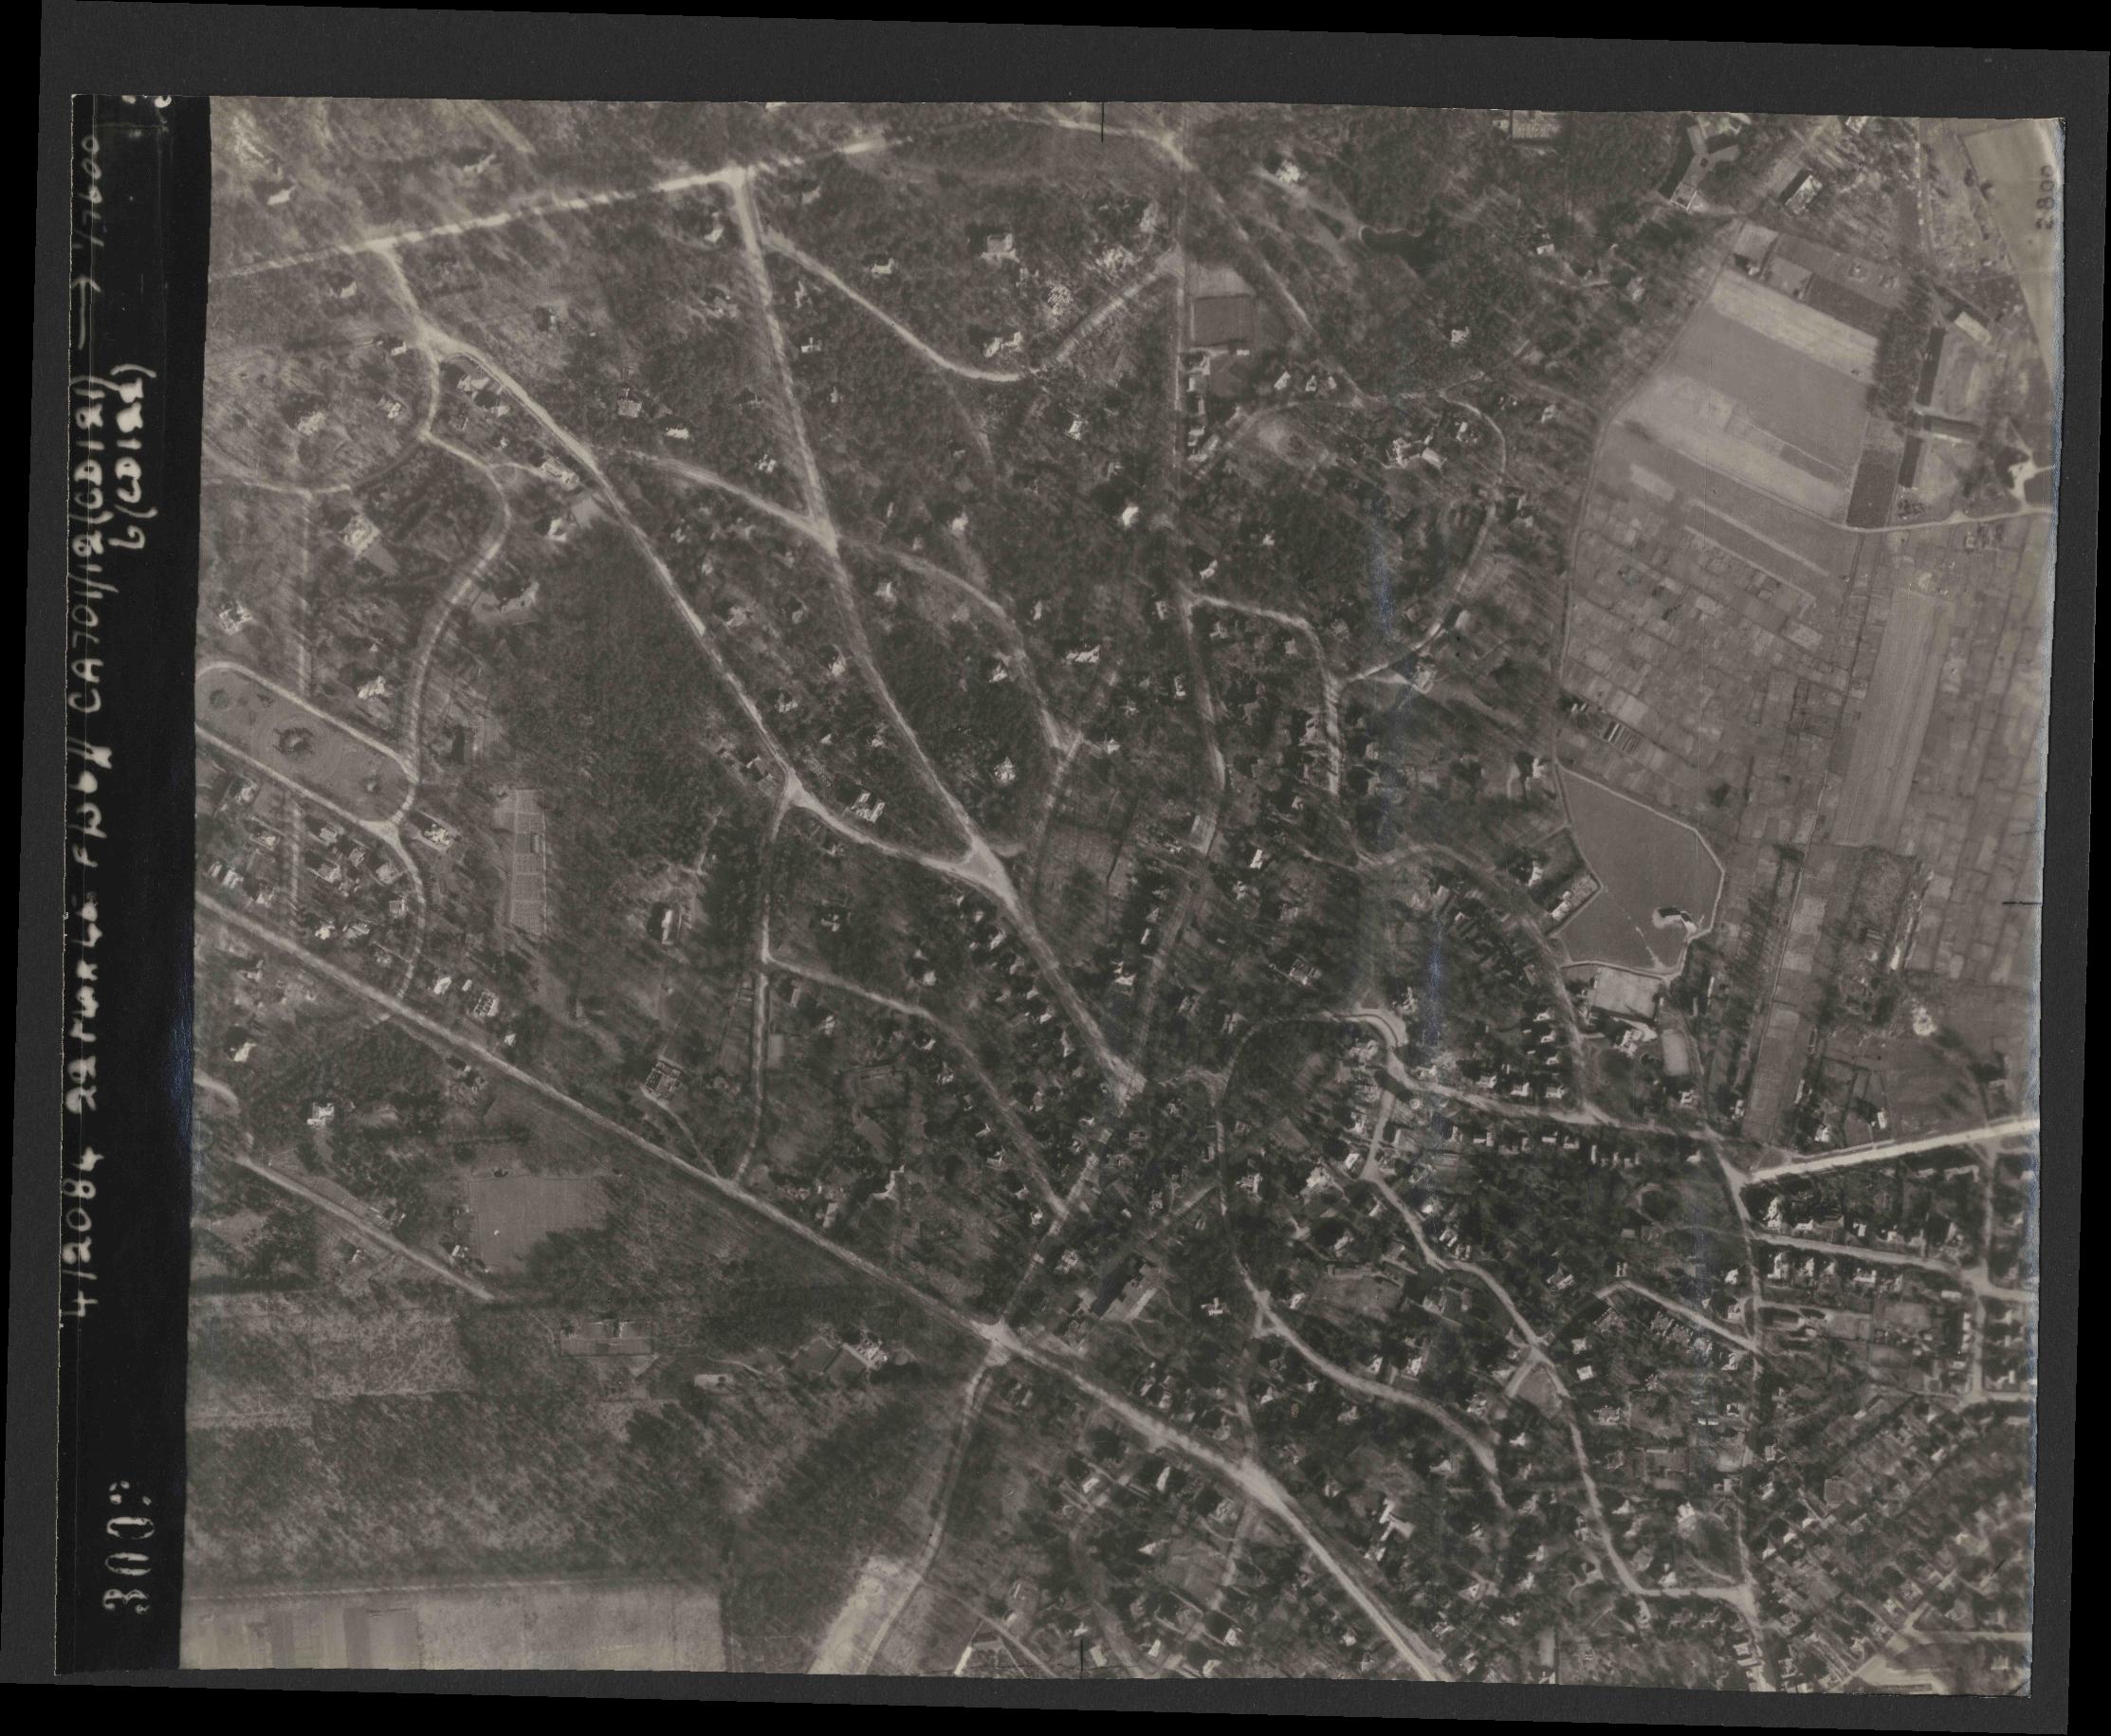 Collection RAF aerial photos 1940-1945 - flight 163, run 05, photo 3003